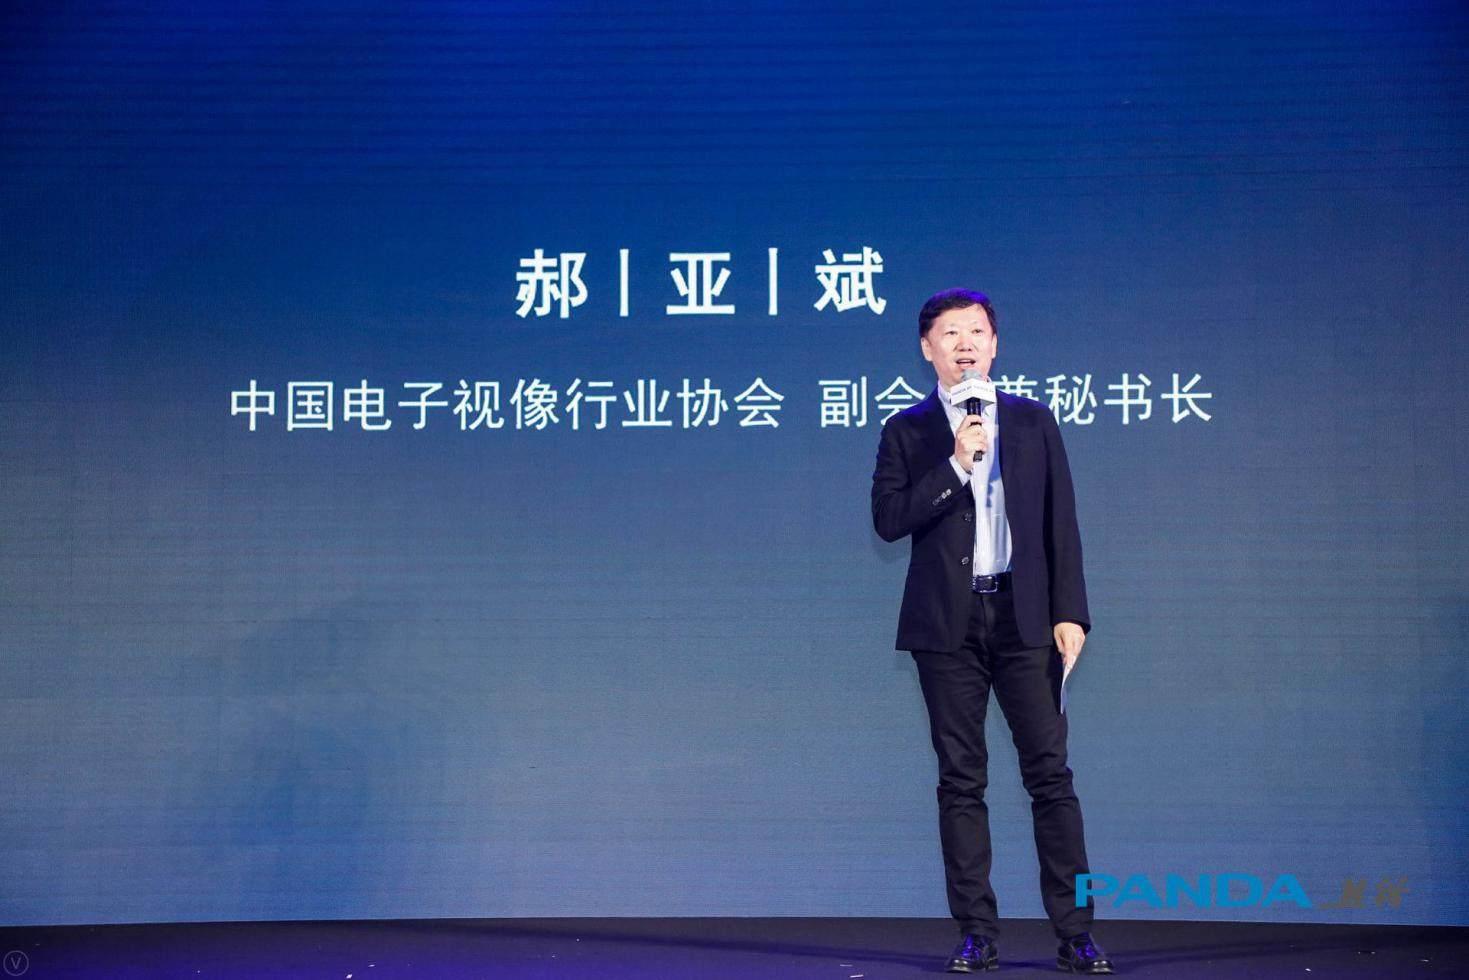 """熊猫""""酷""""系列AI音响电视发布 金牌唱作人金志文代言"""